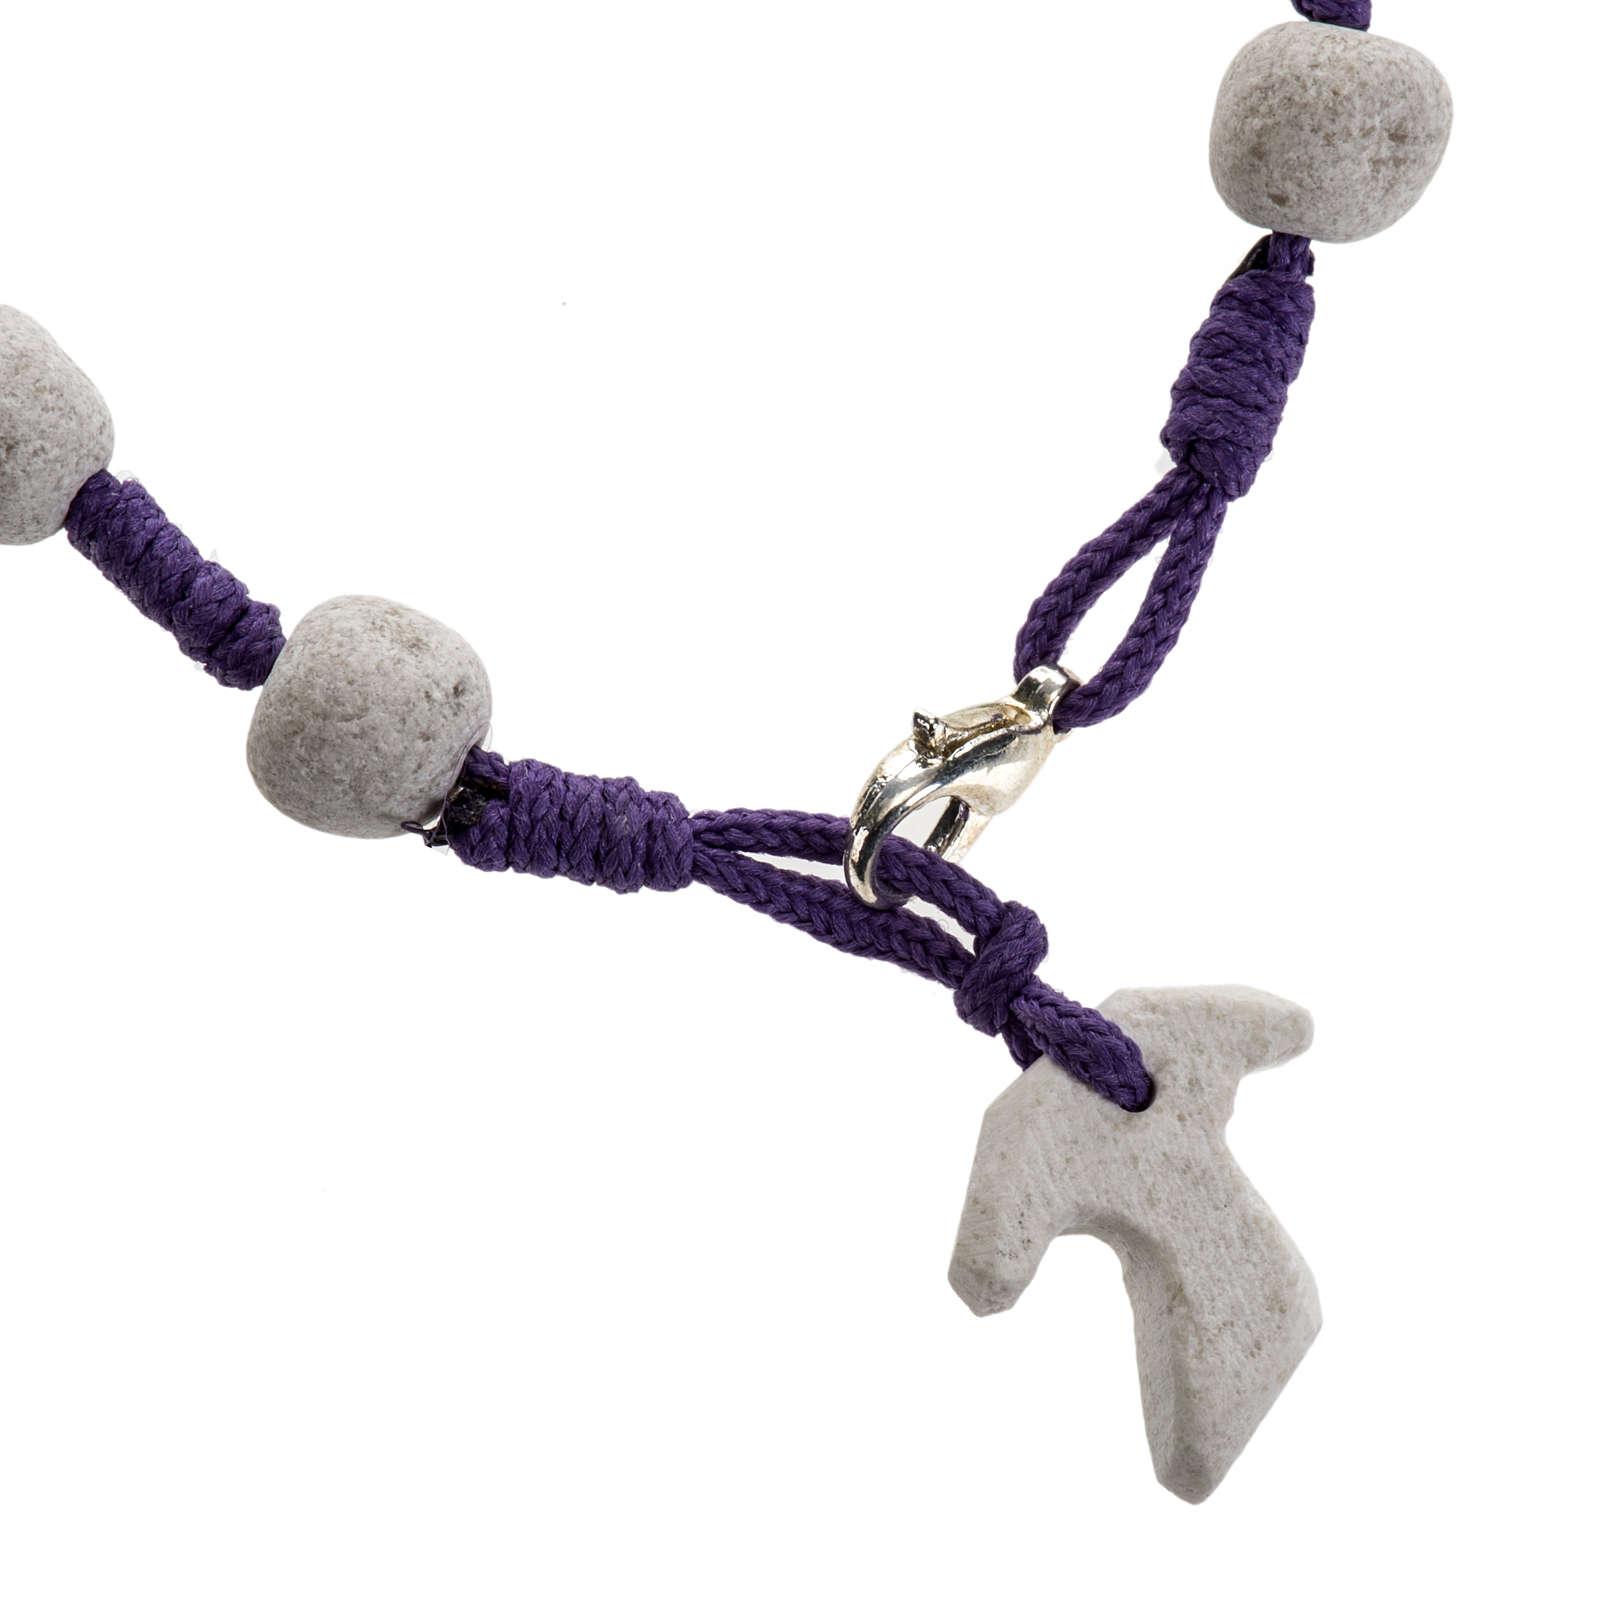 Pulsera de Medjugorje cuerda púrpura y piedra 4